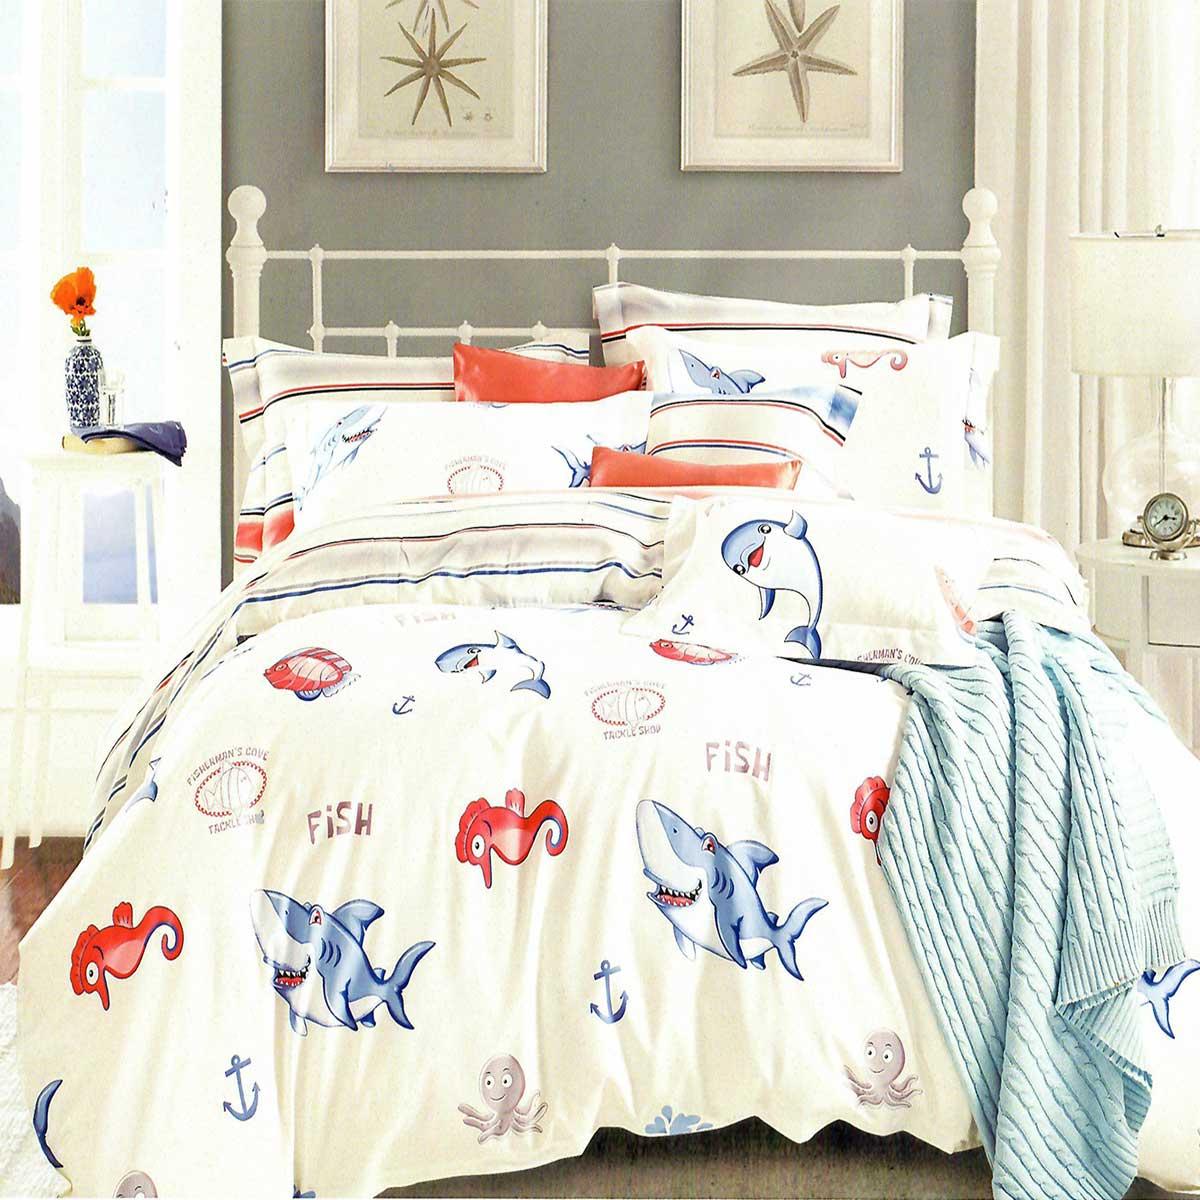 «SEARLE». Комплект детского постельного белья 100% хлопок (сатин). Пододеяльник 160×220, наволочки 50×70 (2 шт.), простыня 160х230. Производство Турция, «Karna» («Карна»)